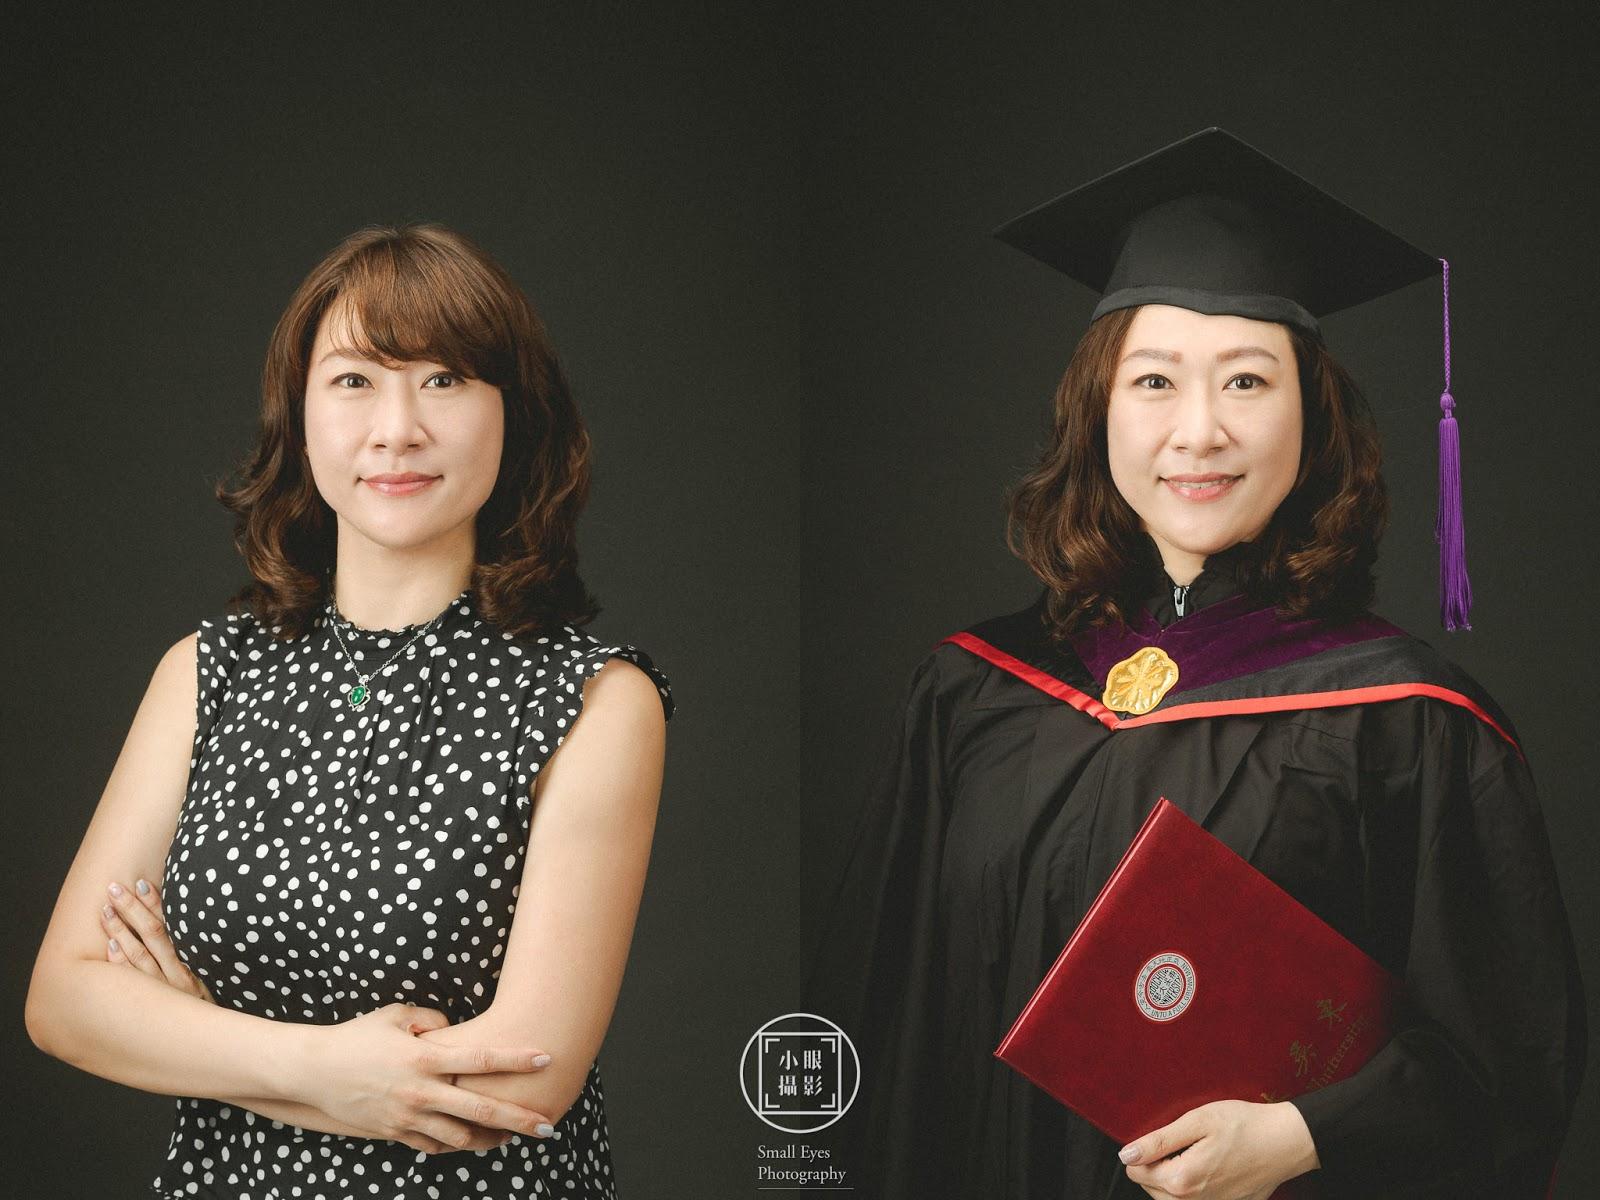 人像, 人像‧寫真, 人像拍攝, 人像寫真, 人像攝影, 台北, 在職專班, 形象照, 東吳, 法律, 個人寫真, 畢業, 畢業照, 傅祐承, 碩士, 碩班, 優質推薦,